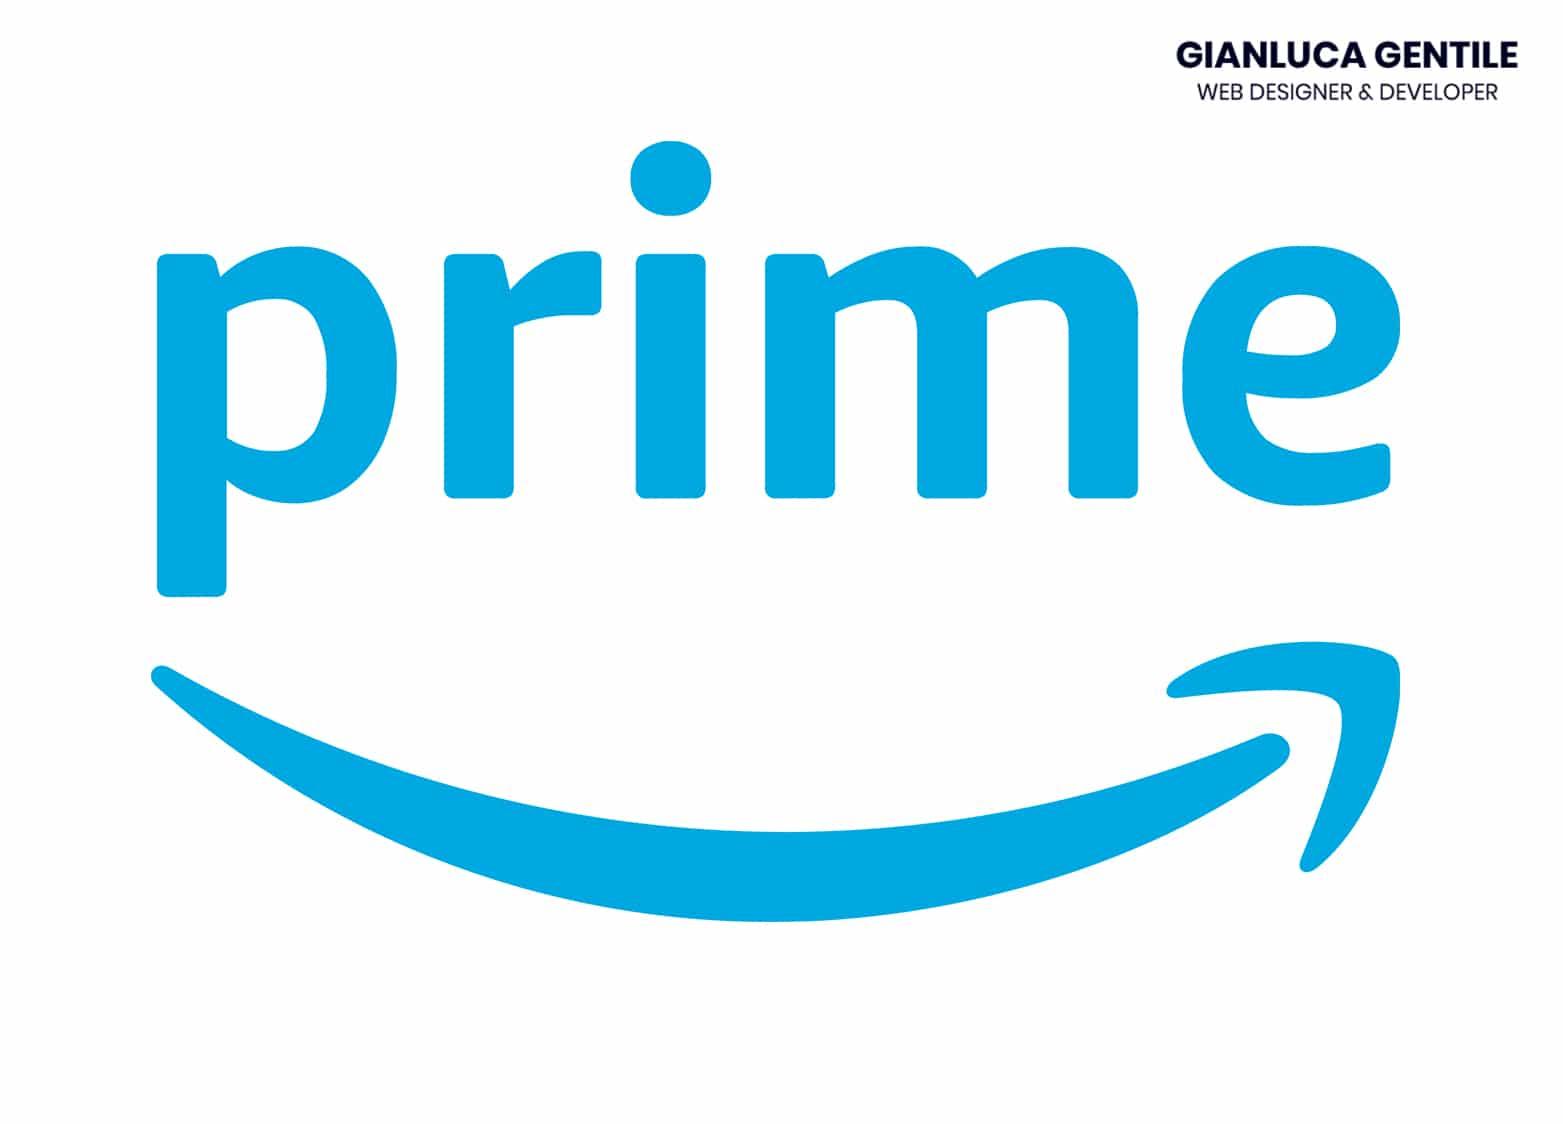 amazon prime - Amazon Prime spedizione gratuita e veloce su milioni di prodotti - Amazon Prime, spedizione gratuita e veloce su milioni di prodotti